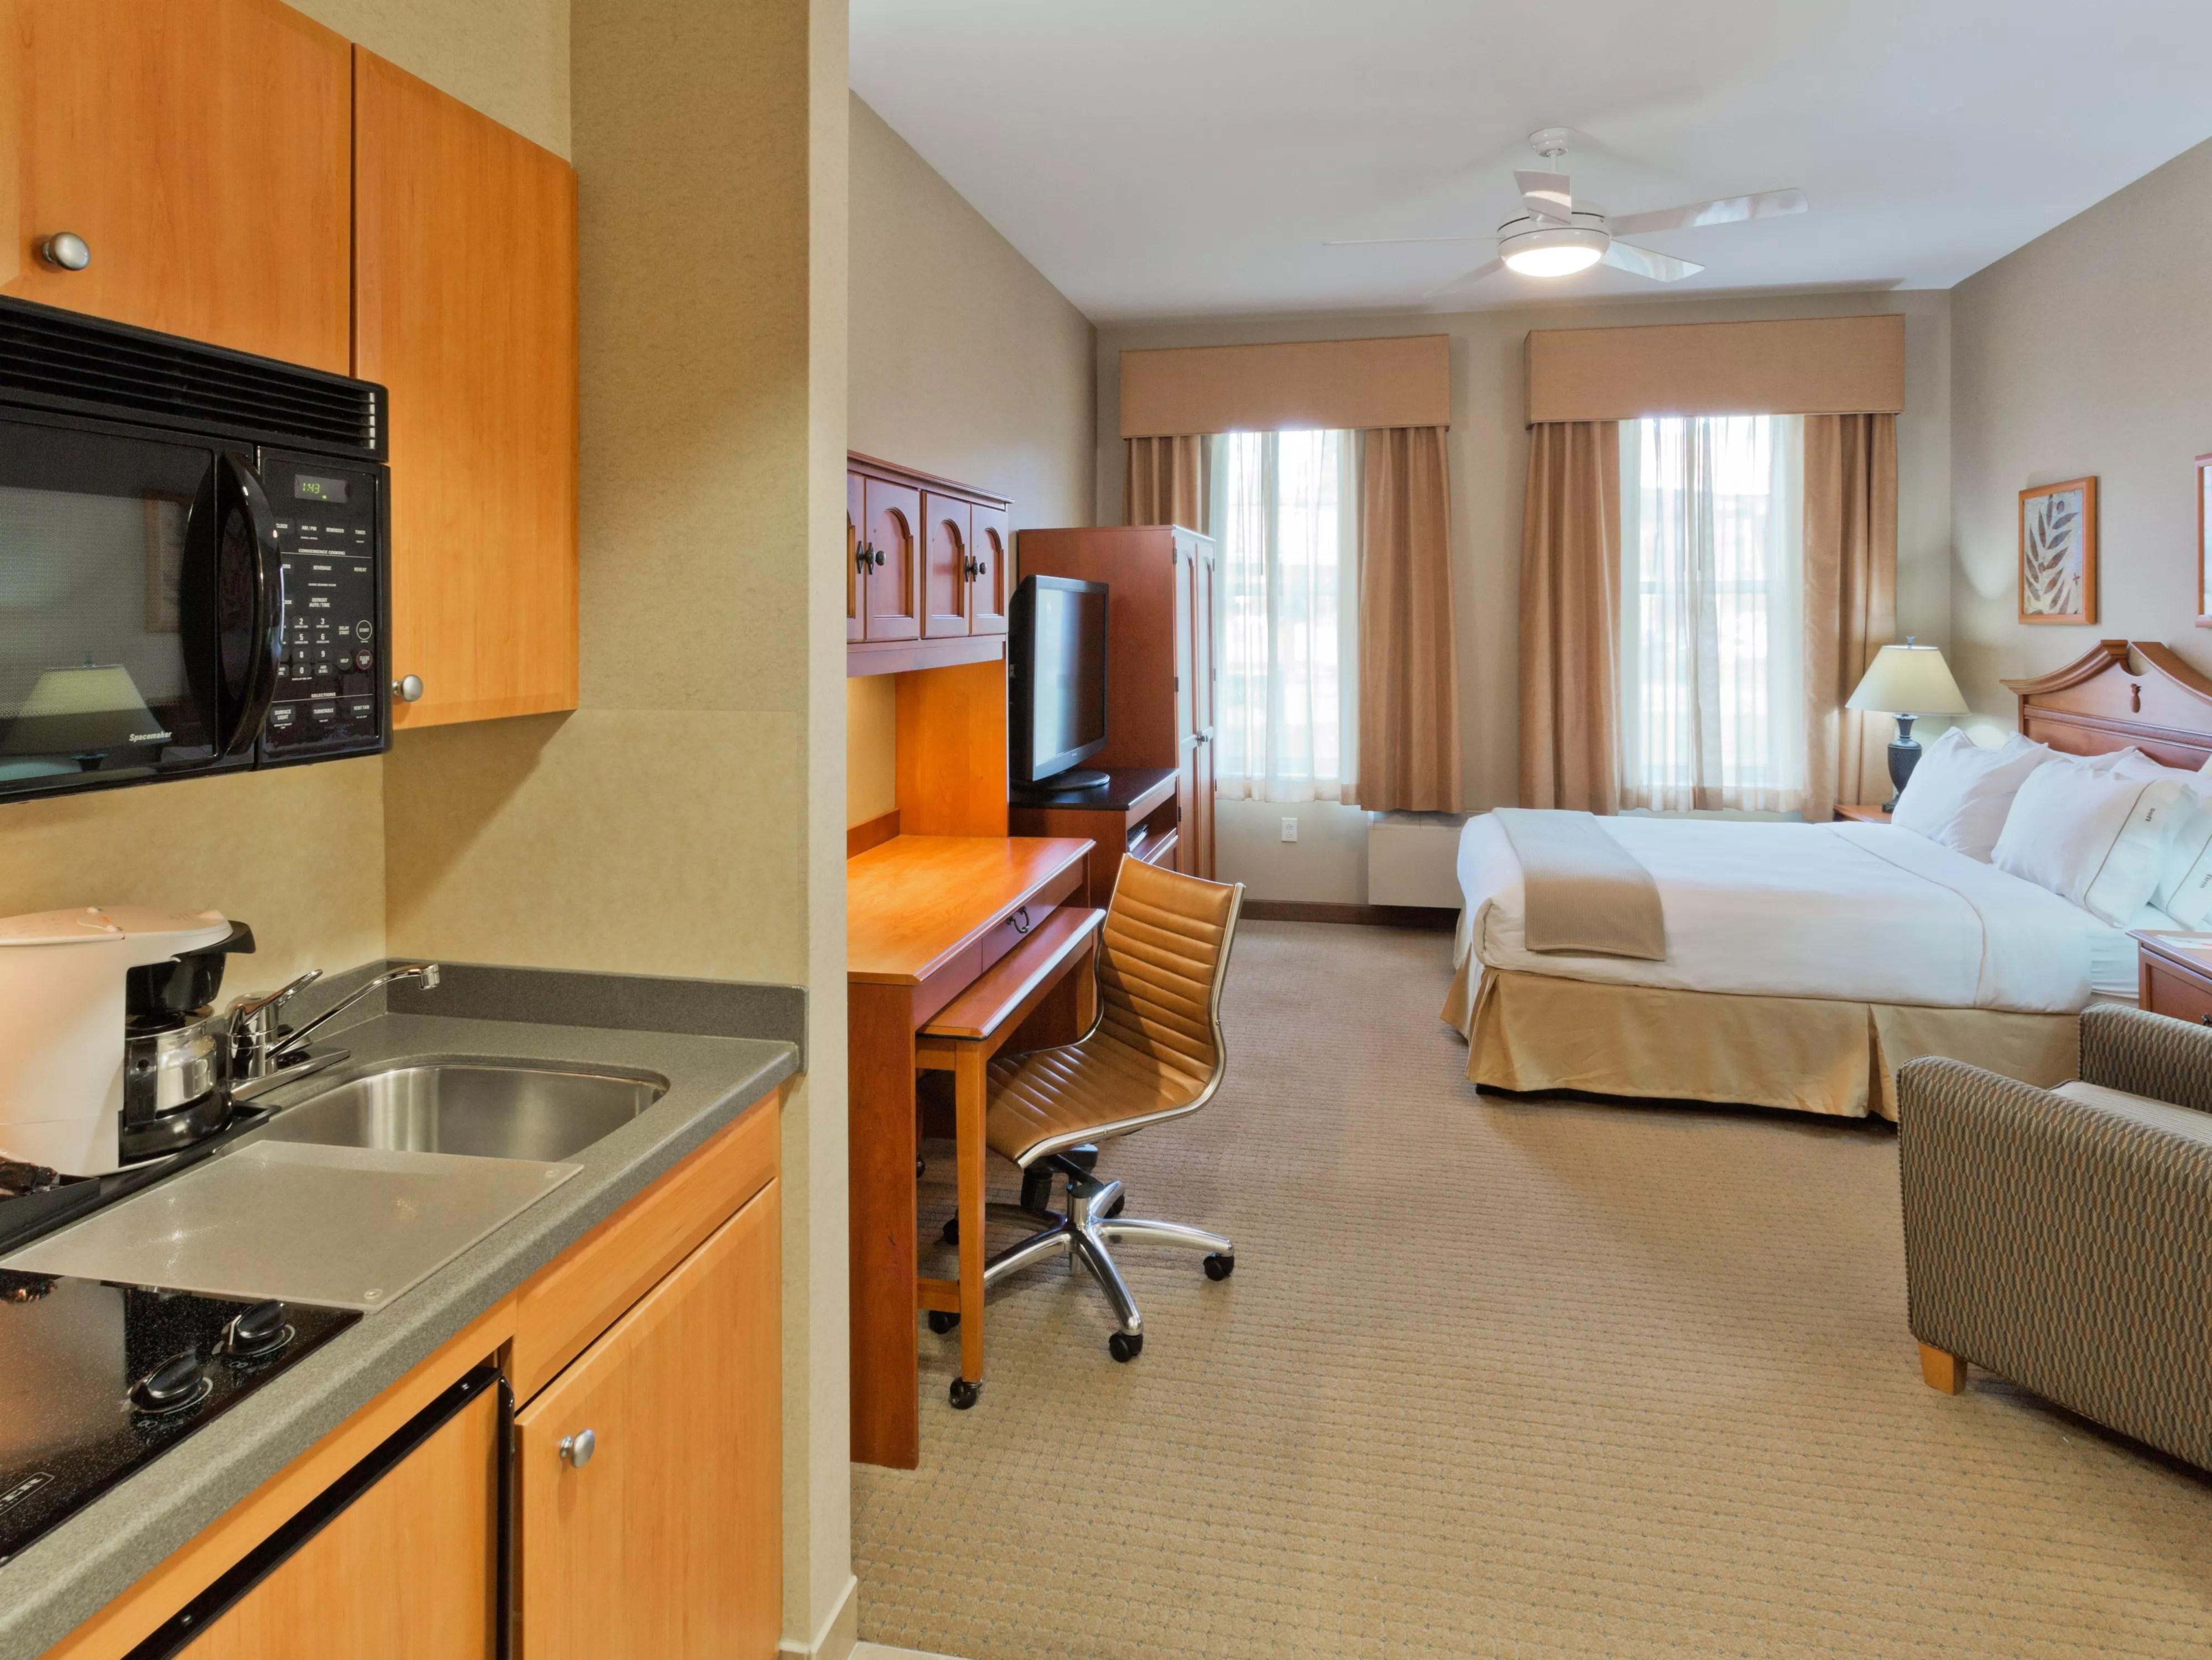 Rooms And Rates For Ihg Army Hotels Rainier Inn Amp Rainier